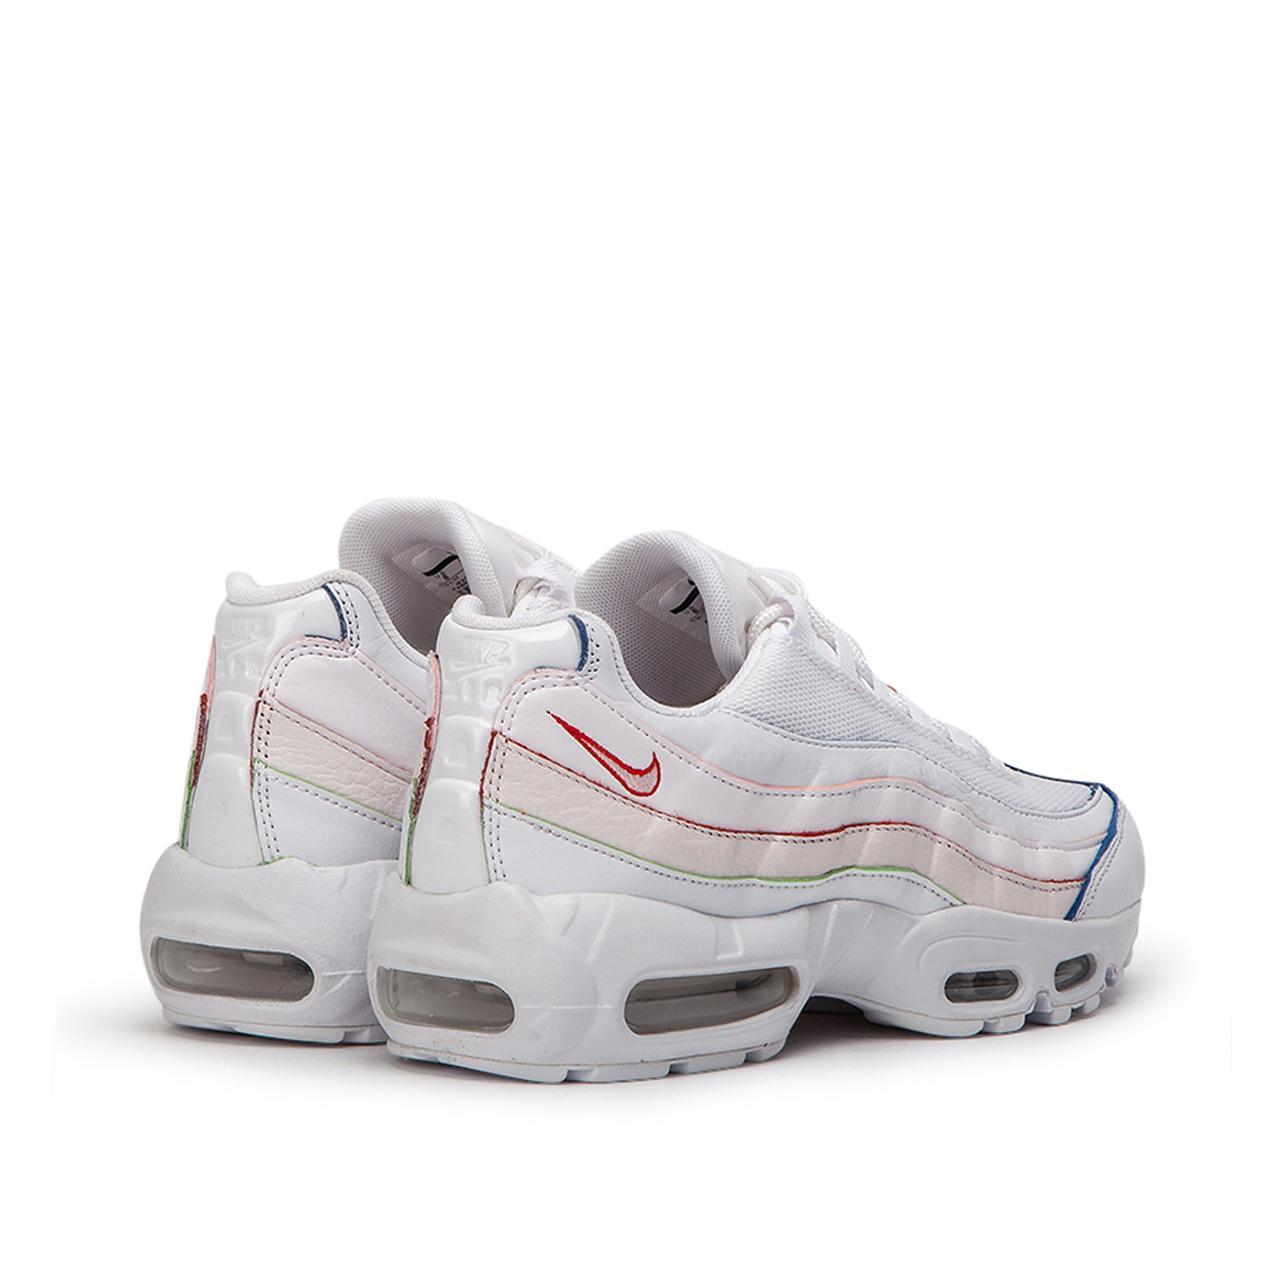 a8e1369c26fc Nike - Nike Wmns Air Max 95